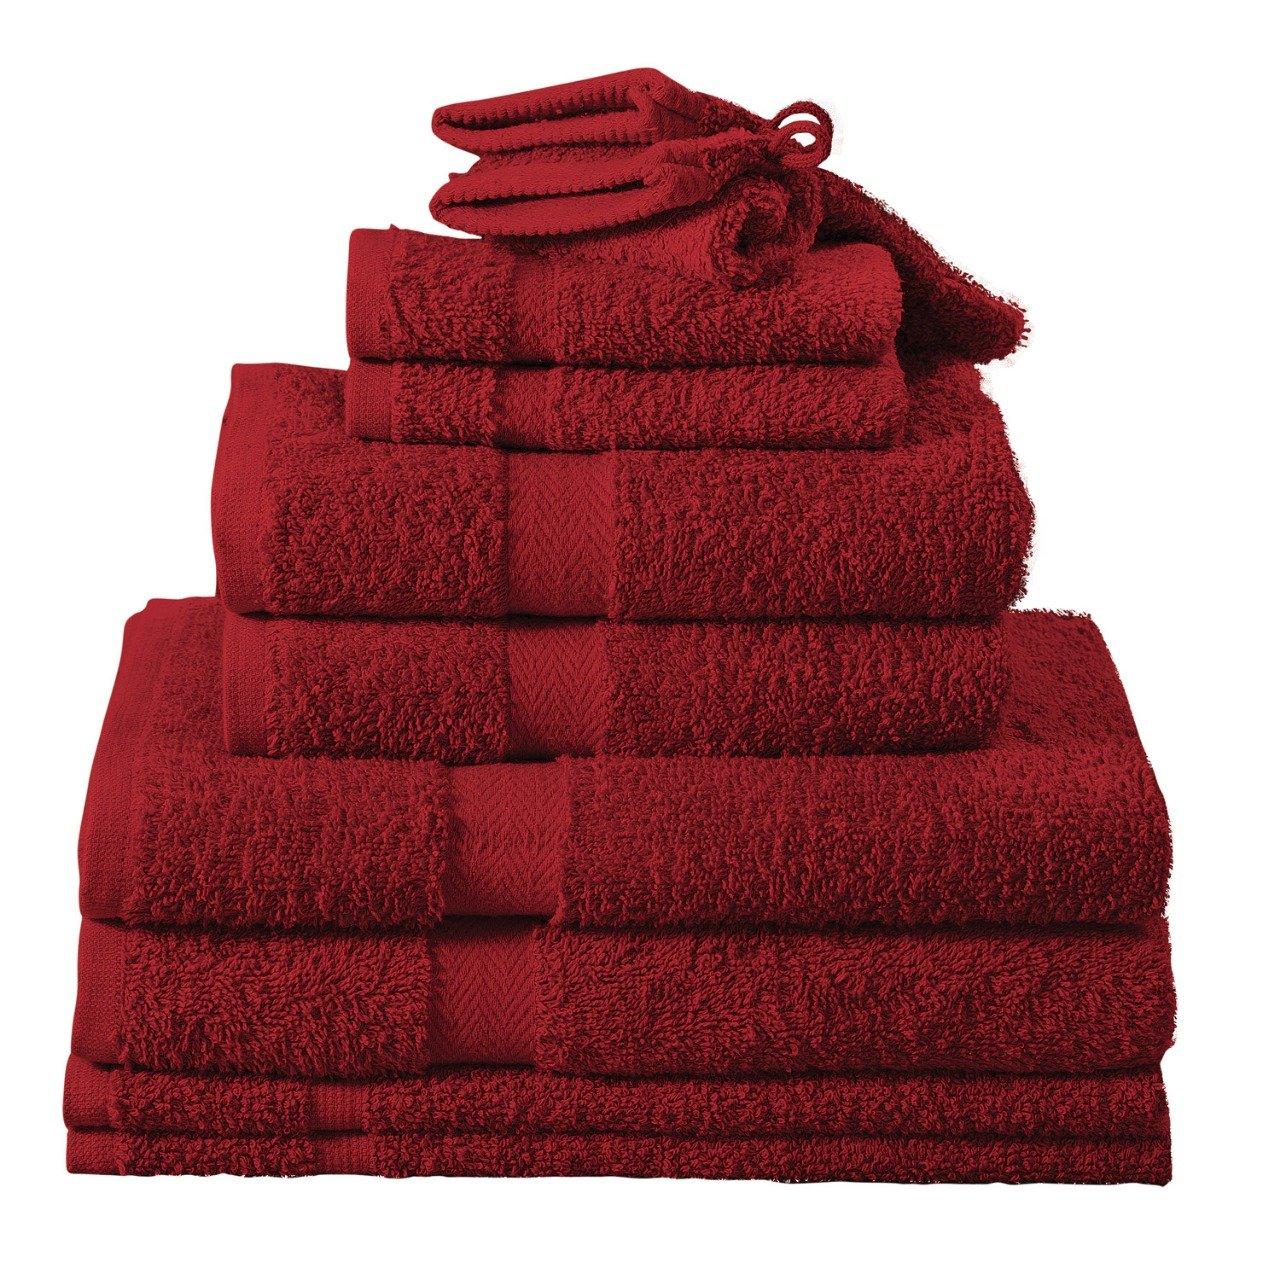 Heim24h 10 tlg 2 Badematte aus Baumwolle Handtuch-Set 2 Waschhandschuhe 2 Handtücher 2 Duschtücher 2 Gästetücher 2 Gästetücher 2 Duschtücher Bordeaux//Rot 2 Handtücher